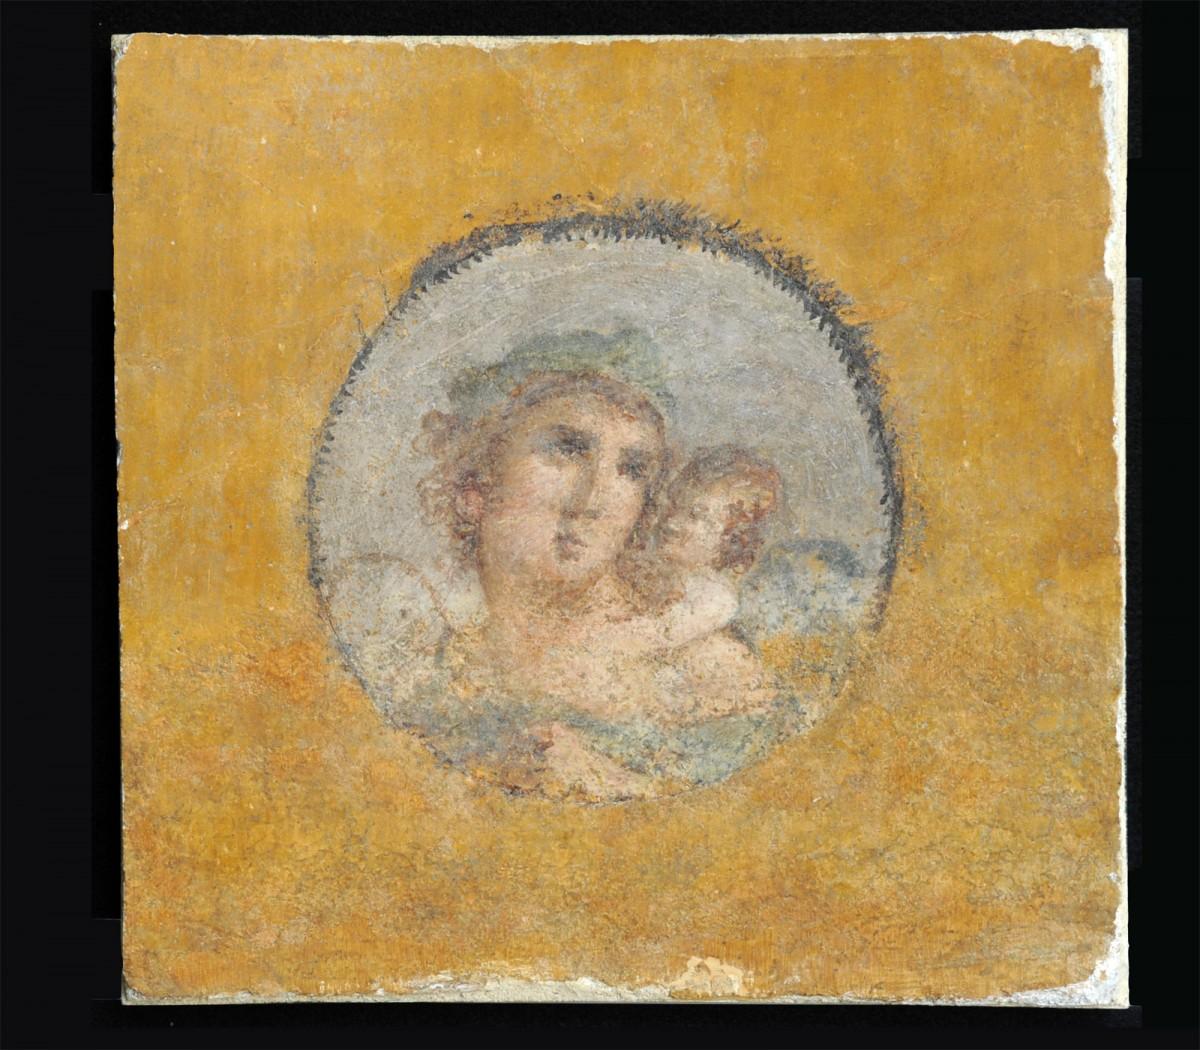 Τμήμα τοιχογραφίας που επιστράφηκε στην Ιταλία από τις ΗΠΑ (φωτ. CARABINIERI CC TPC ROMA).